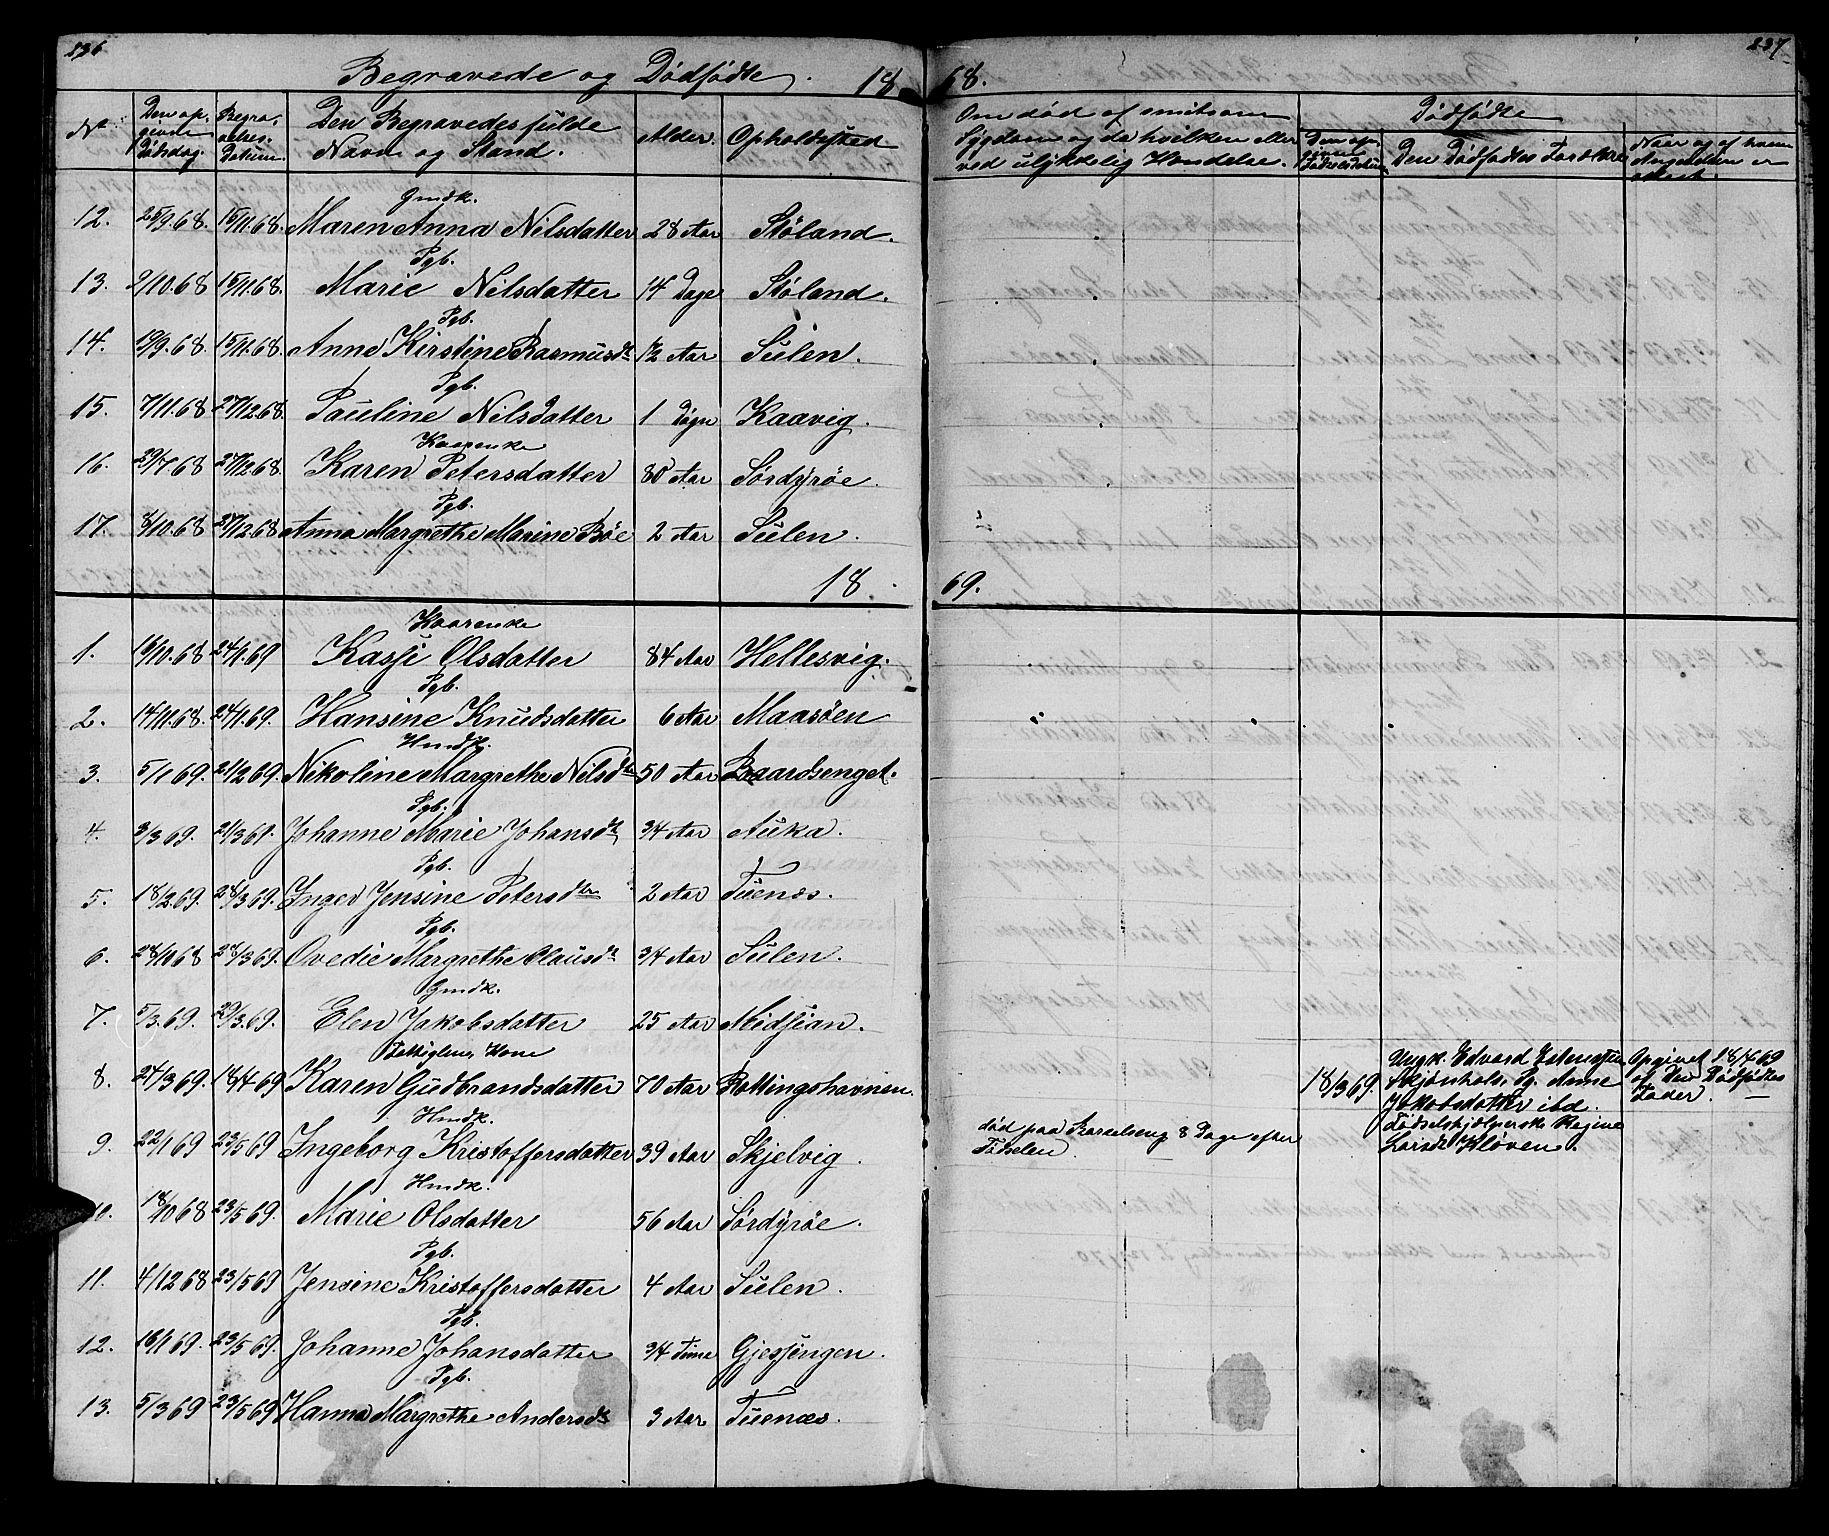 SAT, Ministerialprotokoller, klokkerbøker og fødselsregistre - Sør-Trøndelag, 640/L0583: Klokkerbok nr. 640C01, 1866-1877, s. 236-237